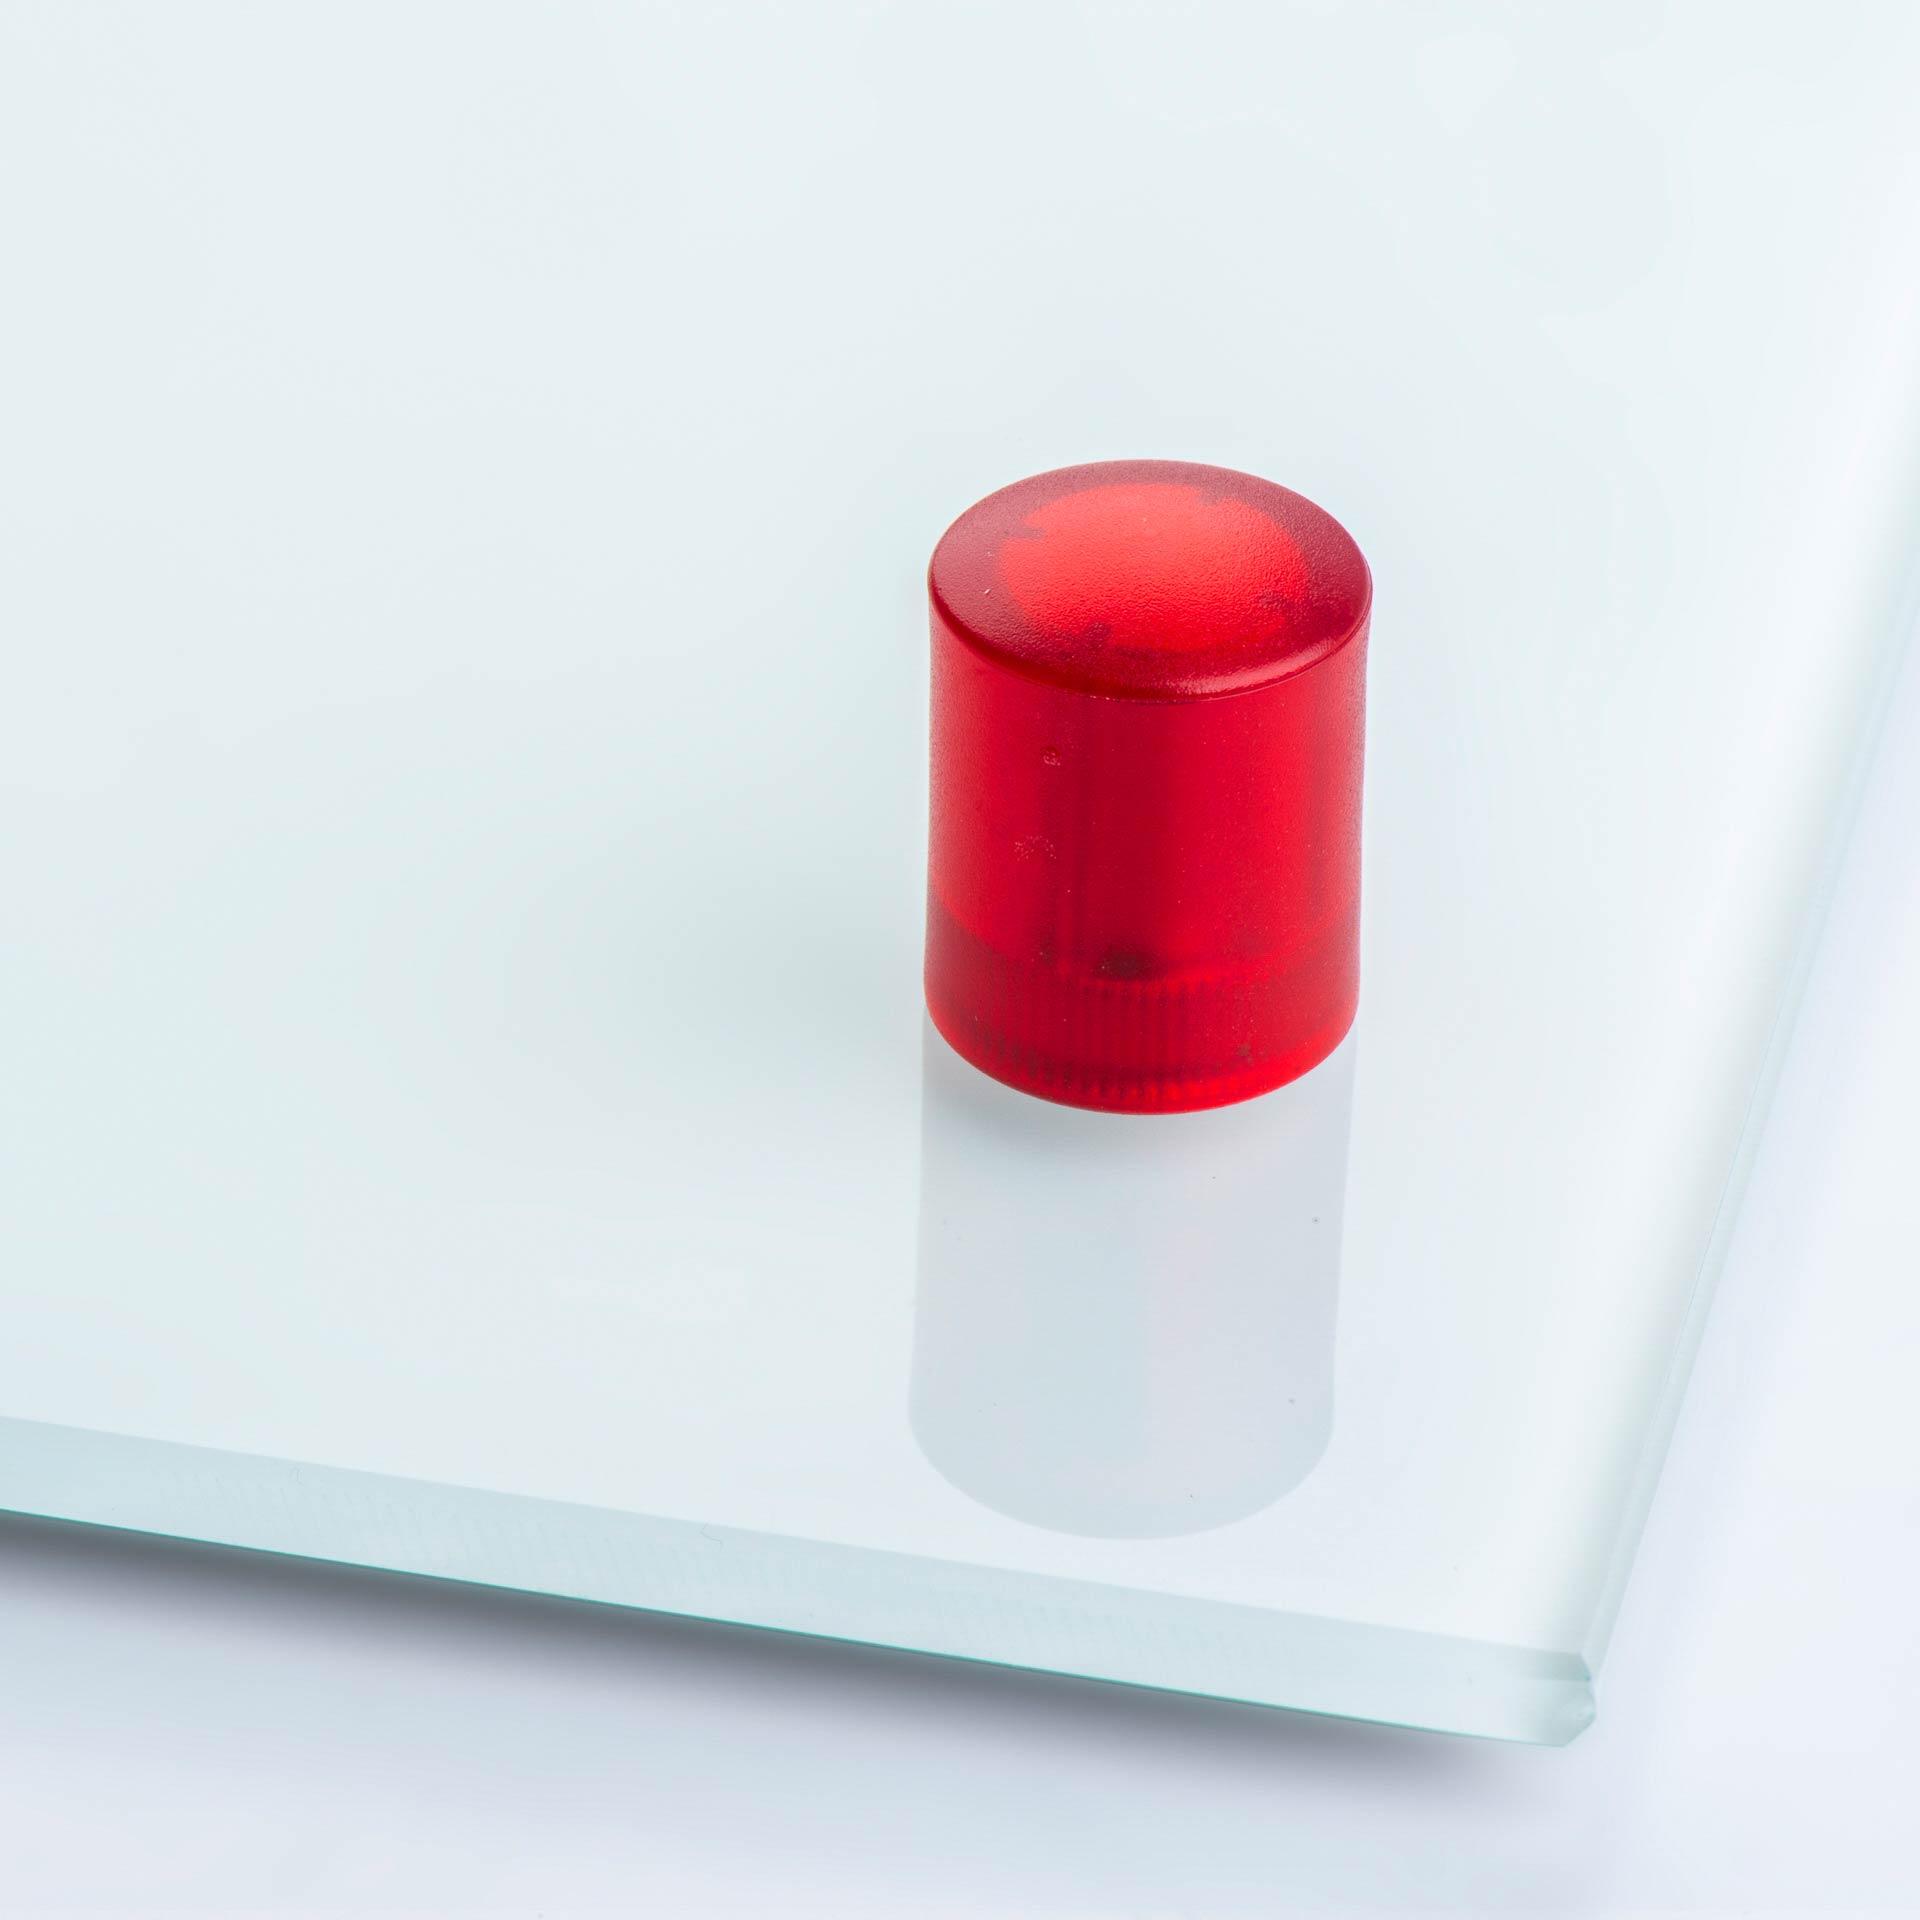 Glasboardmagnet aus Neodym, mit zylinderförmigem Kunststoffgehäuse, verschiedene Farben, thyssenkrupp Magnettechnik